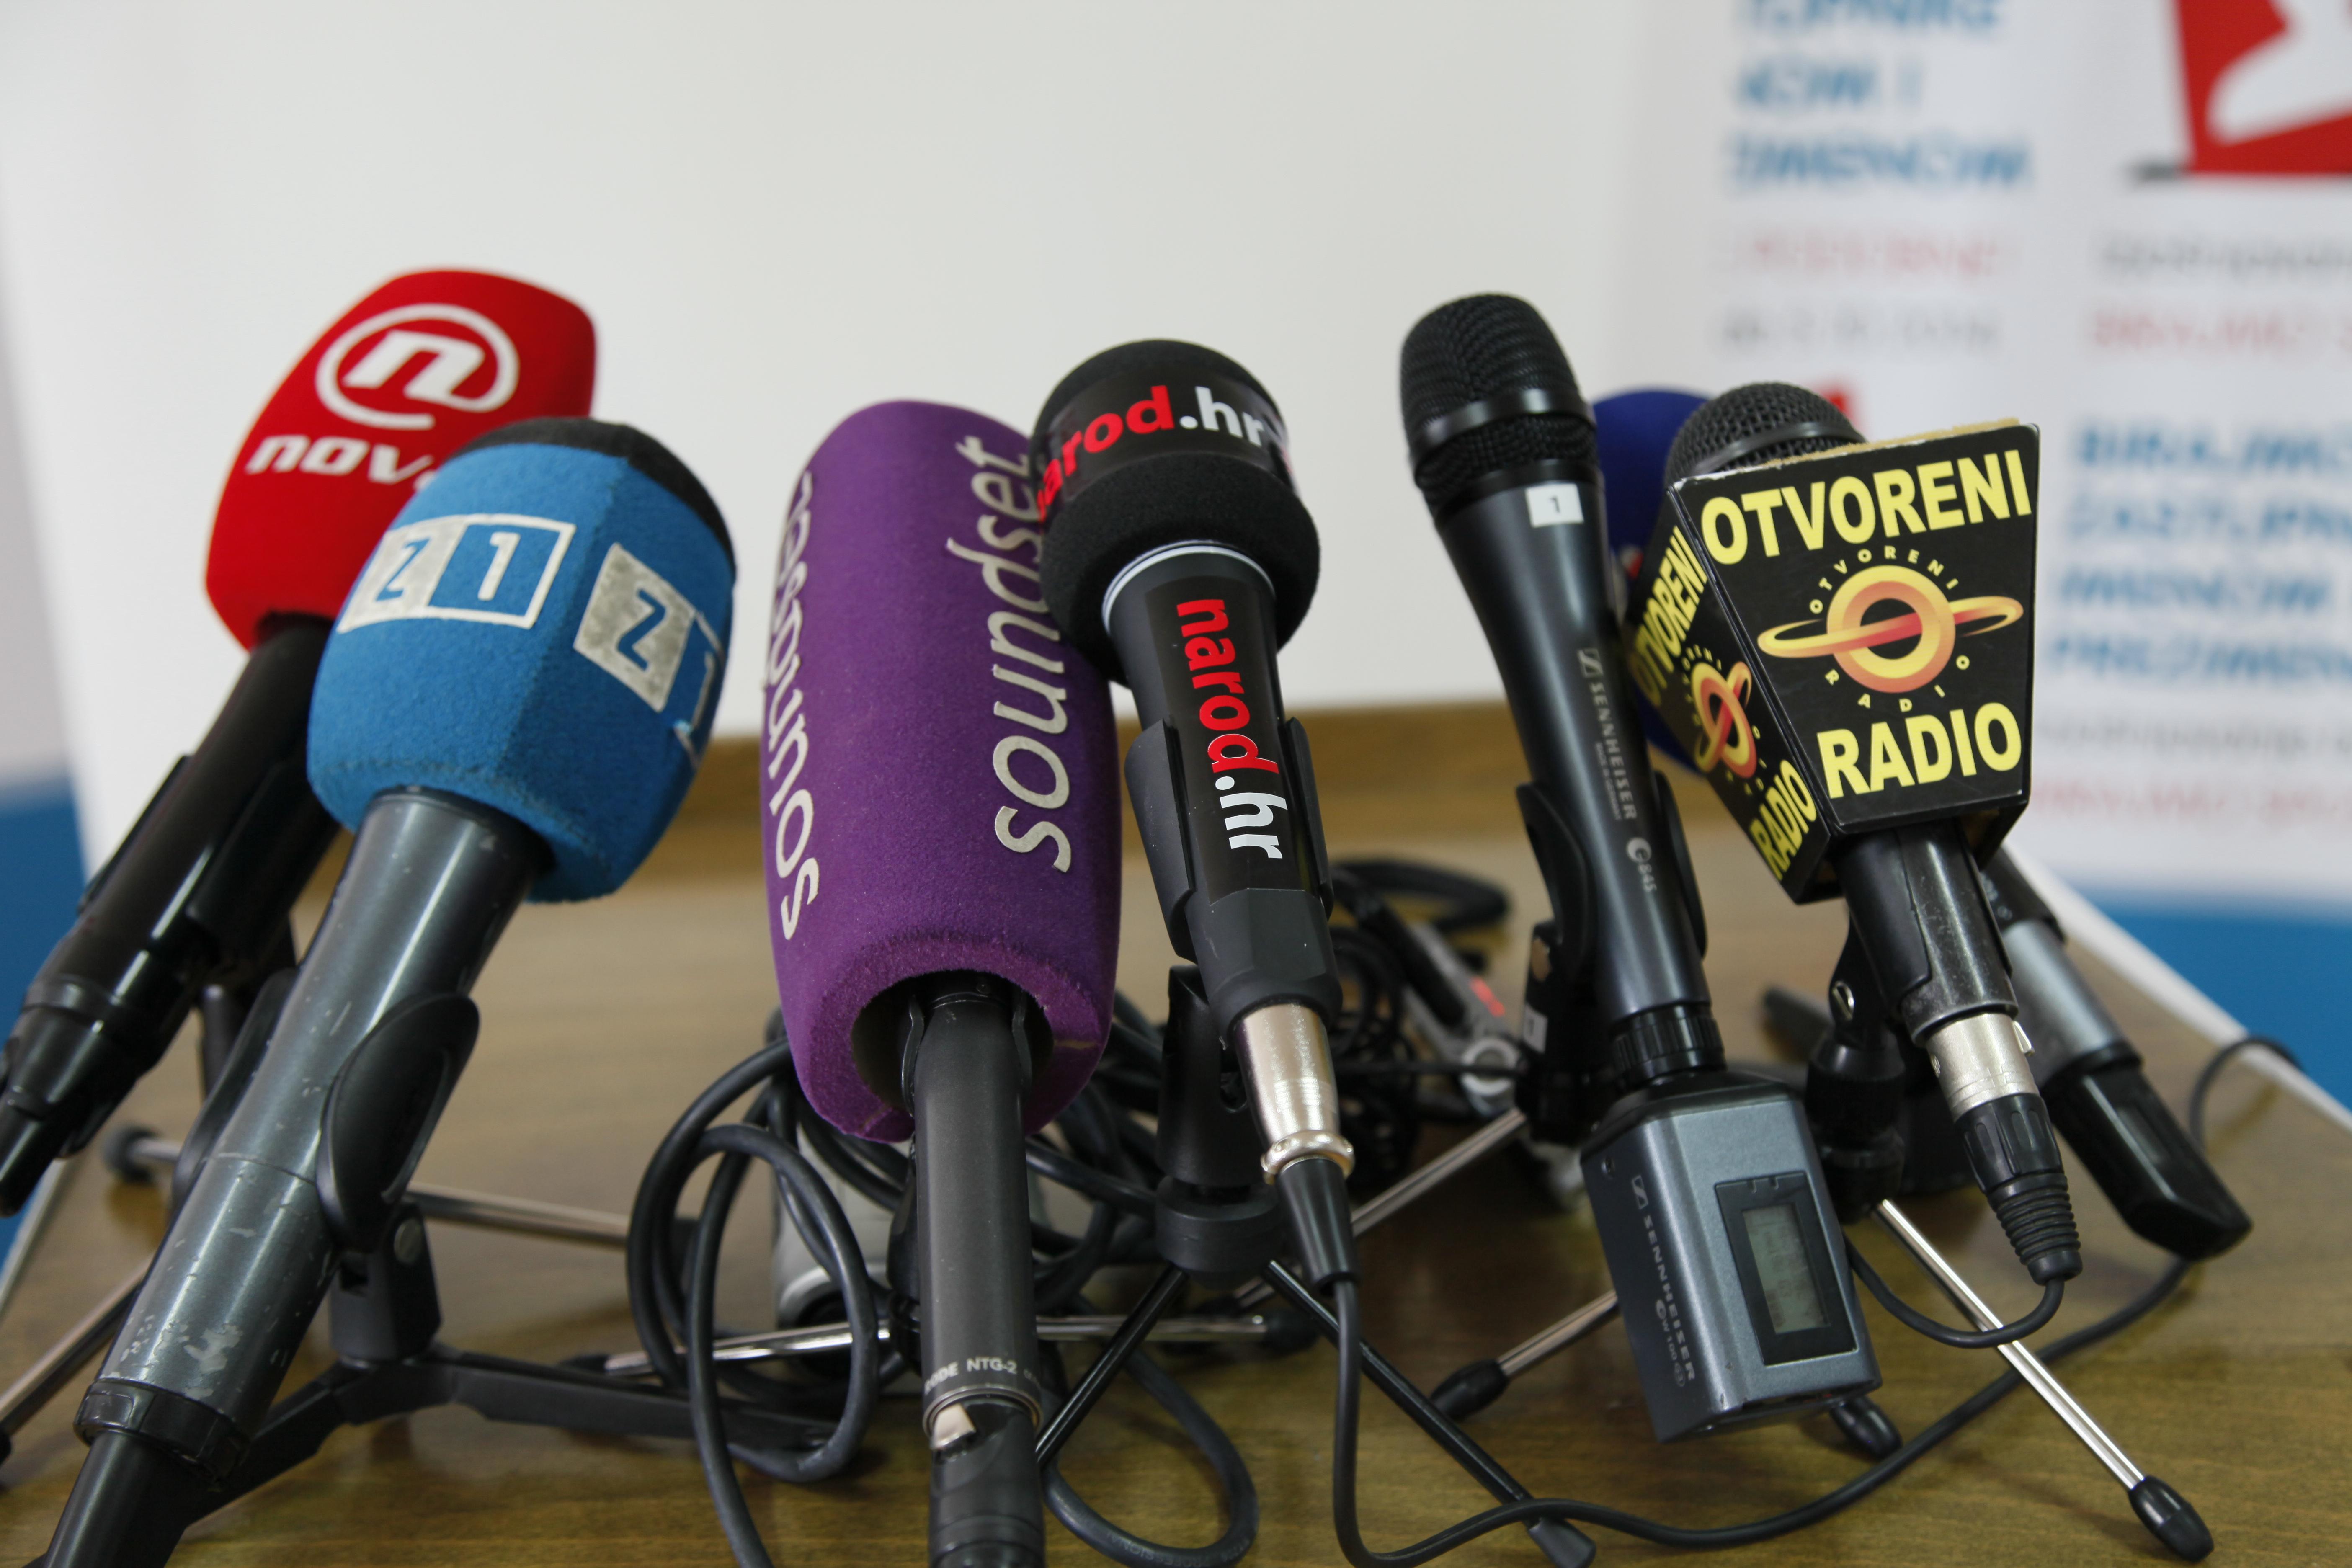 Demanti – Novinar Novog lista pripisao lažnu izjavu odvjetniku Krešimiru Planiniću